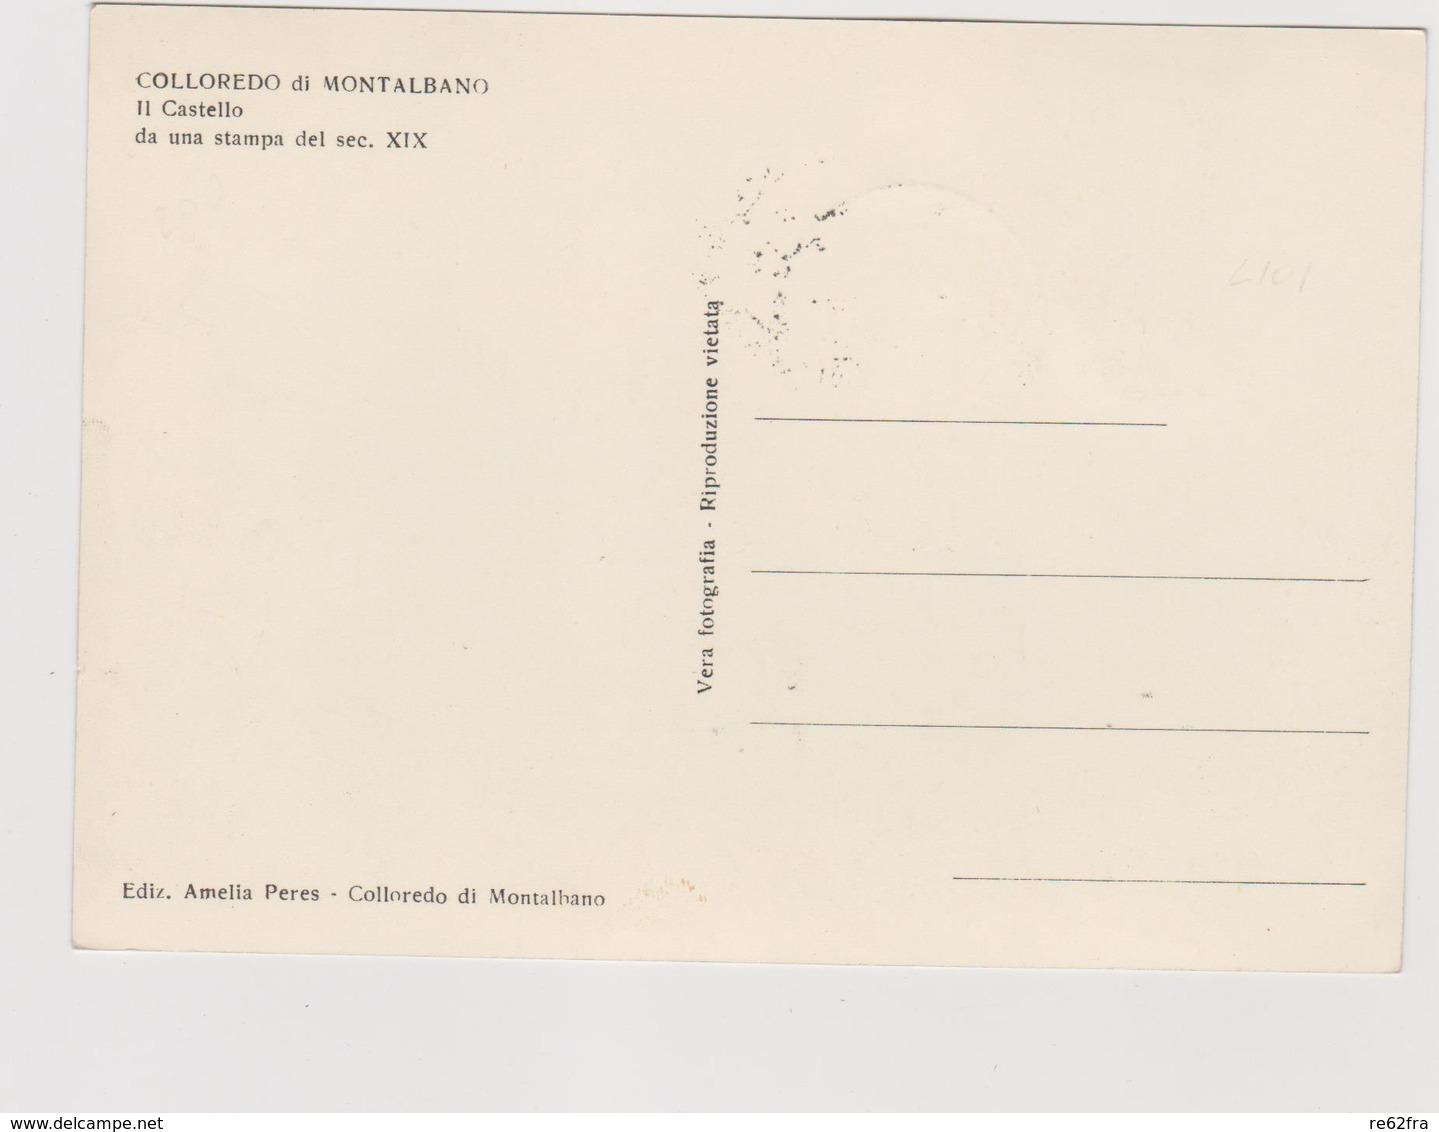 COLLOREDO Di MONTALBANO  (UD) - F.G.  - Anni  '1950 - Udine